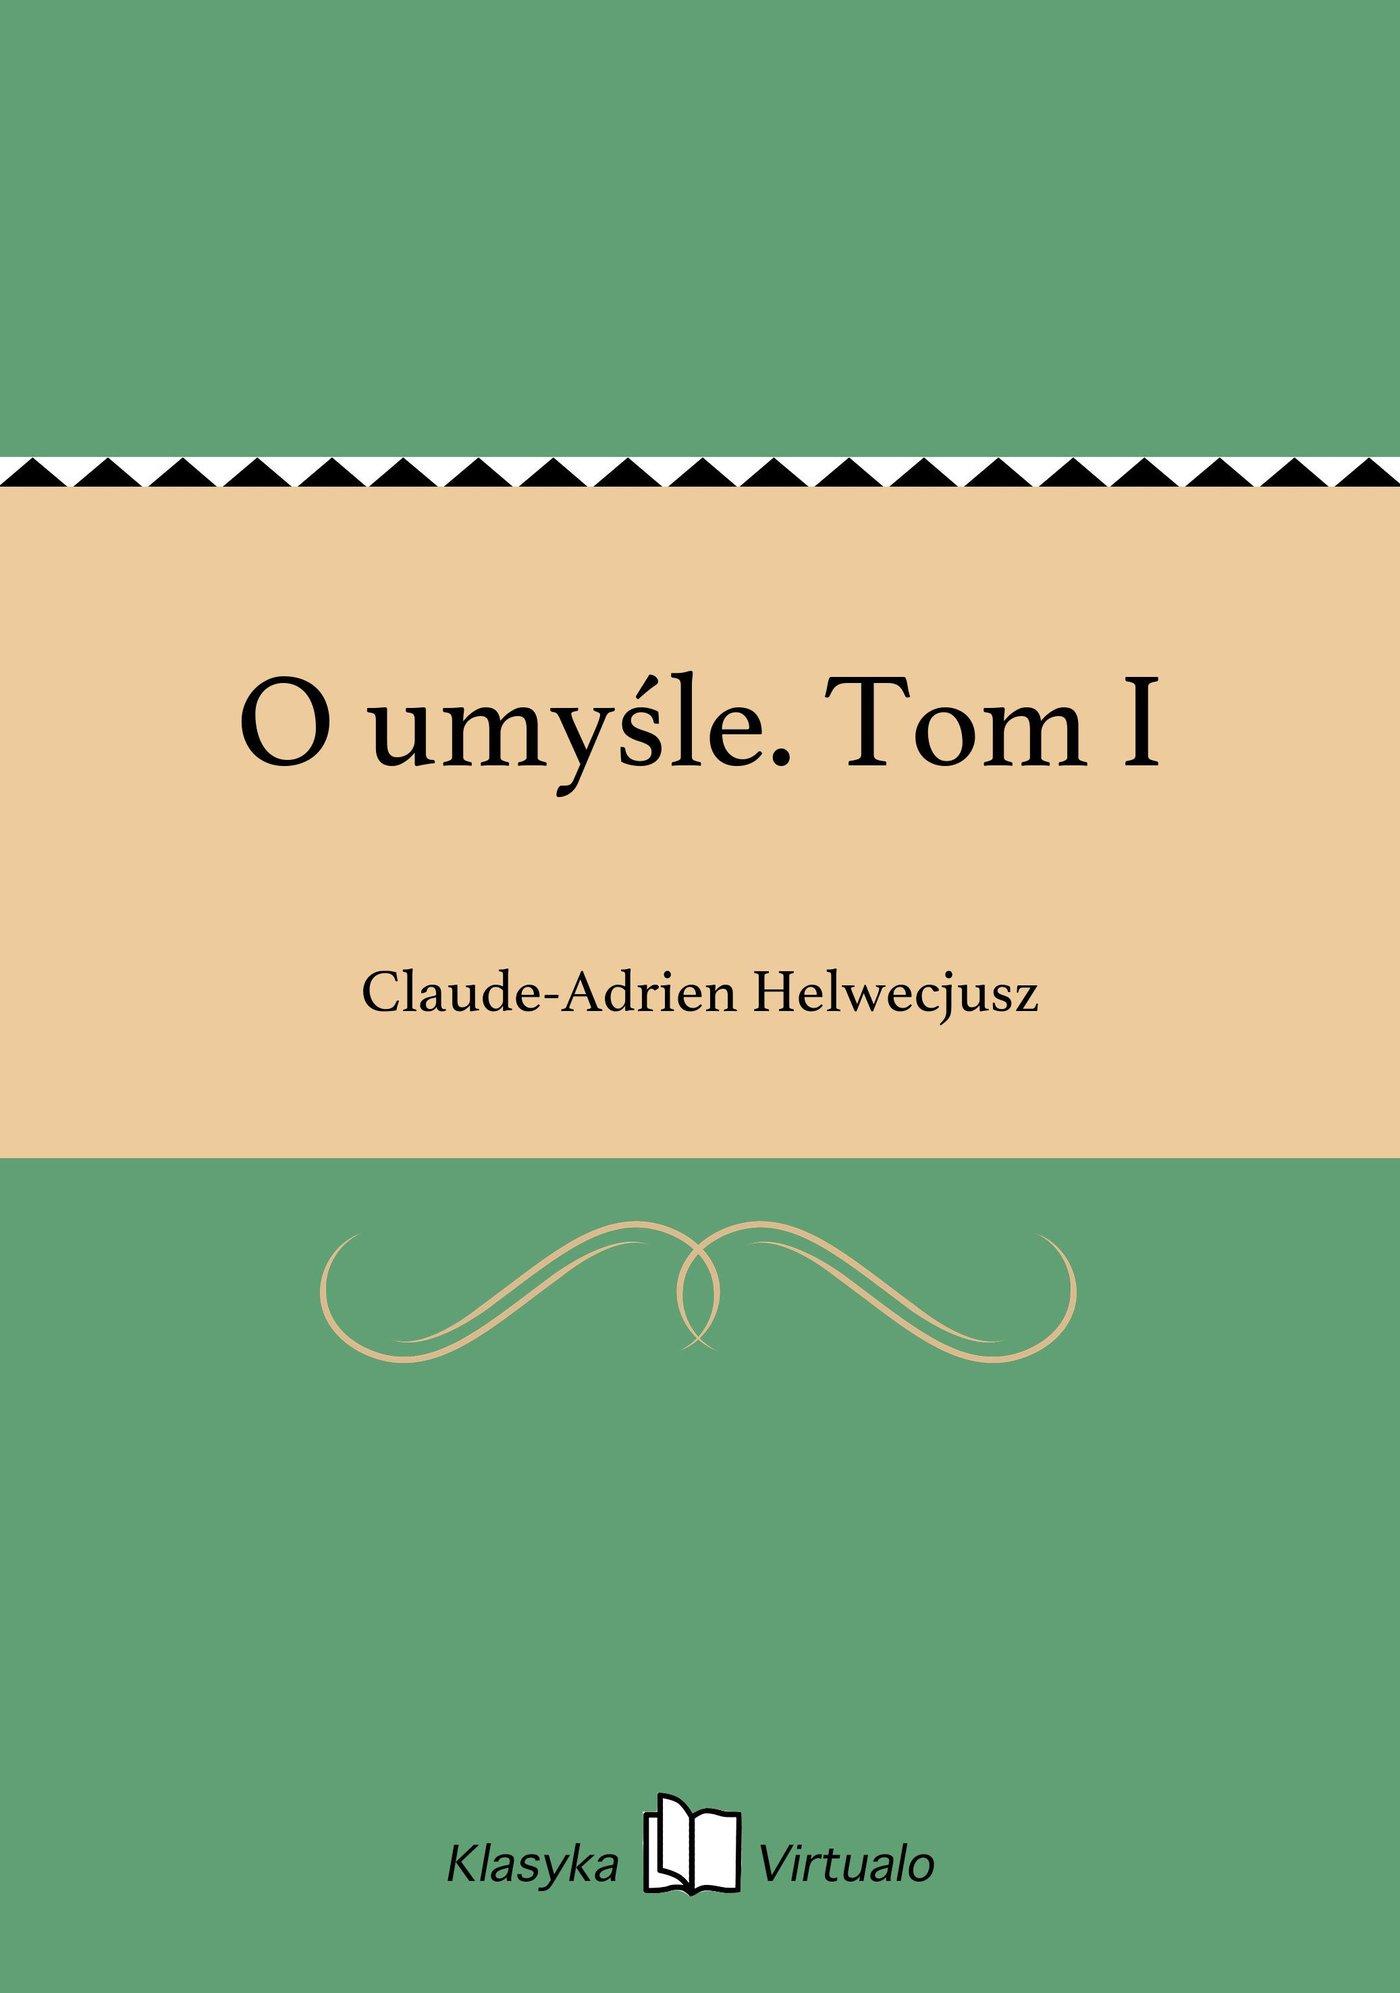 O umyśle. Tom I - Ebook (Książka EPUB) do pobrania w formacie EPUB